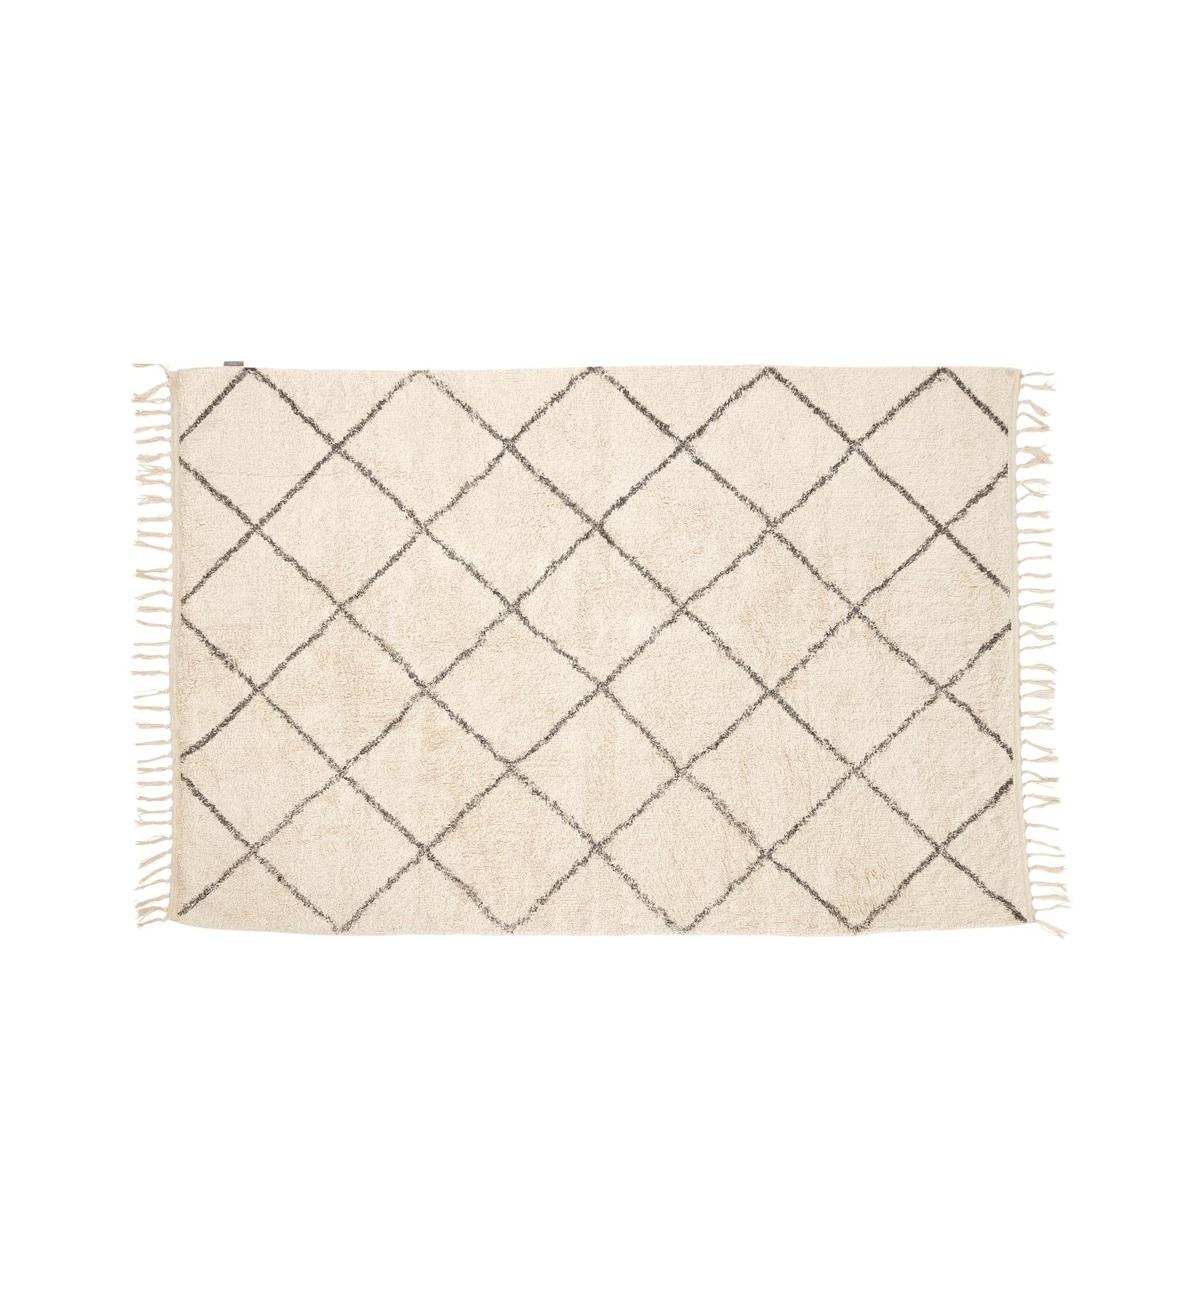 Matta rombmönstrad 120 x 180 vit och grå, Hubsch